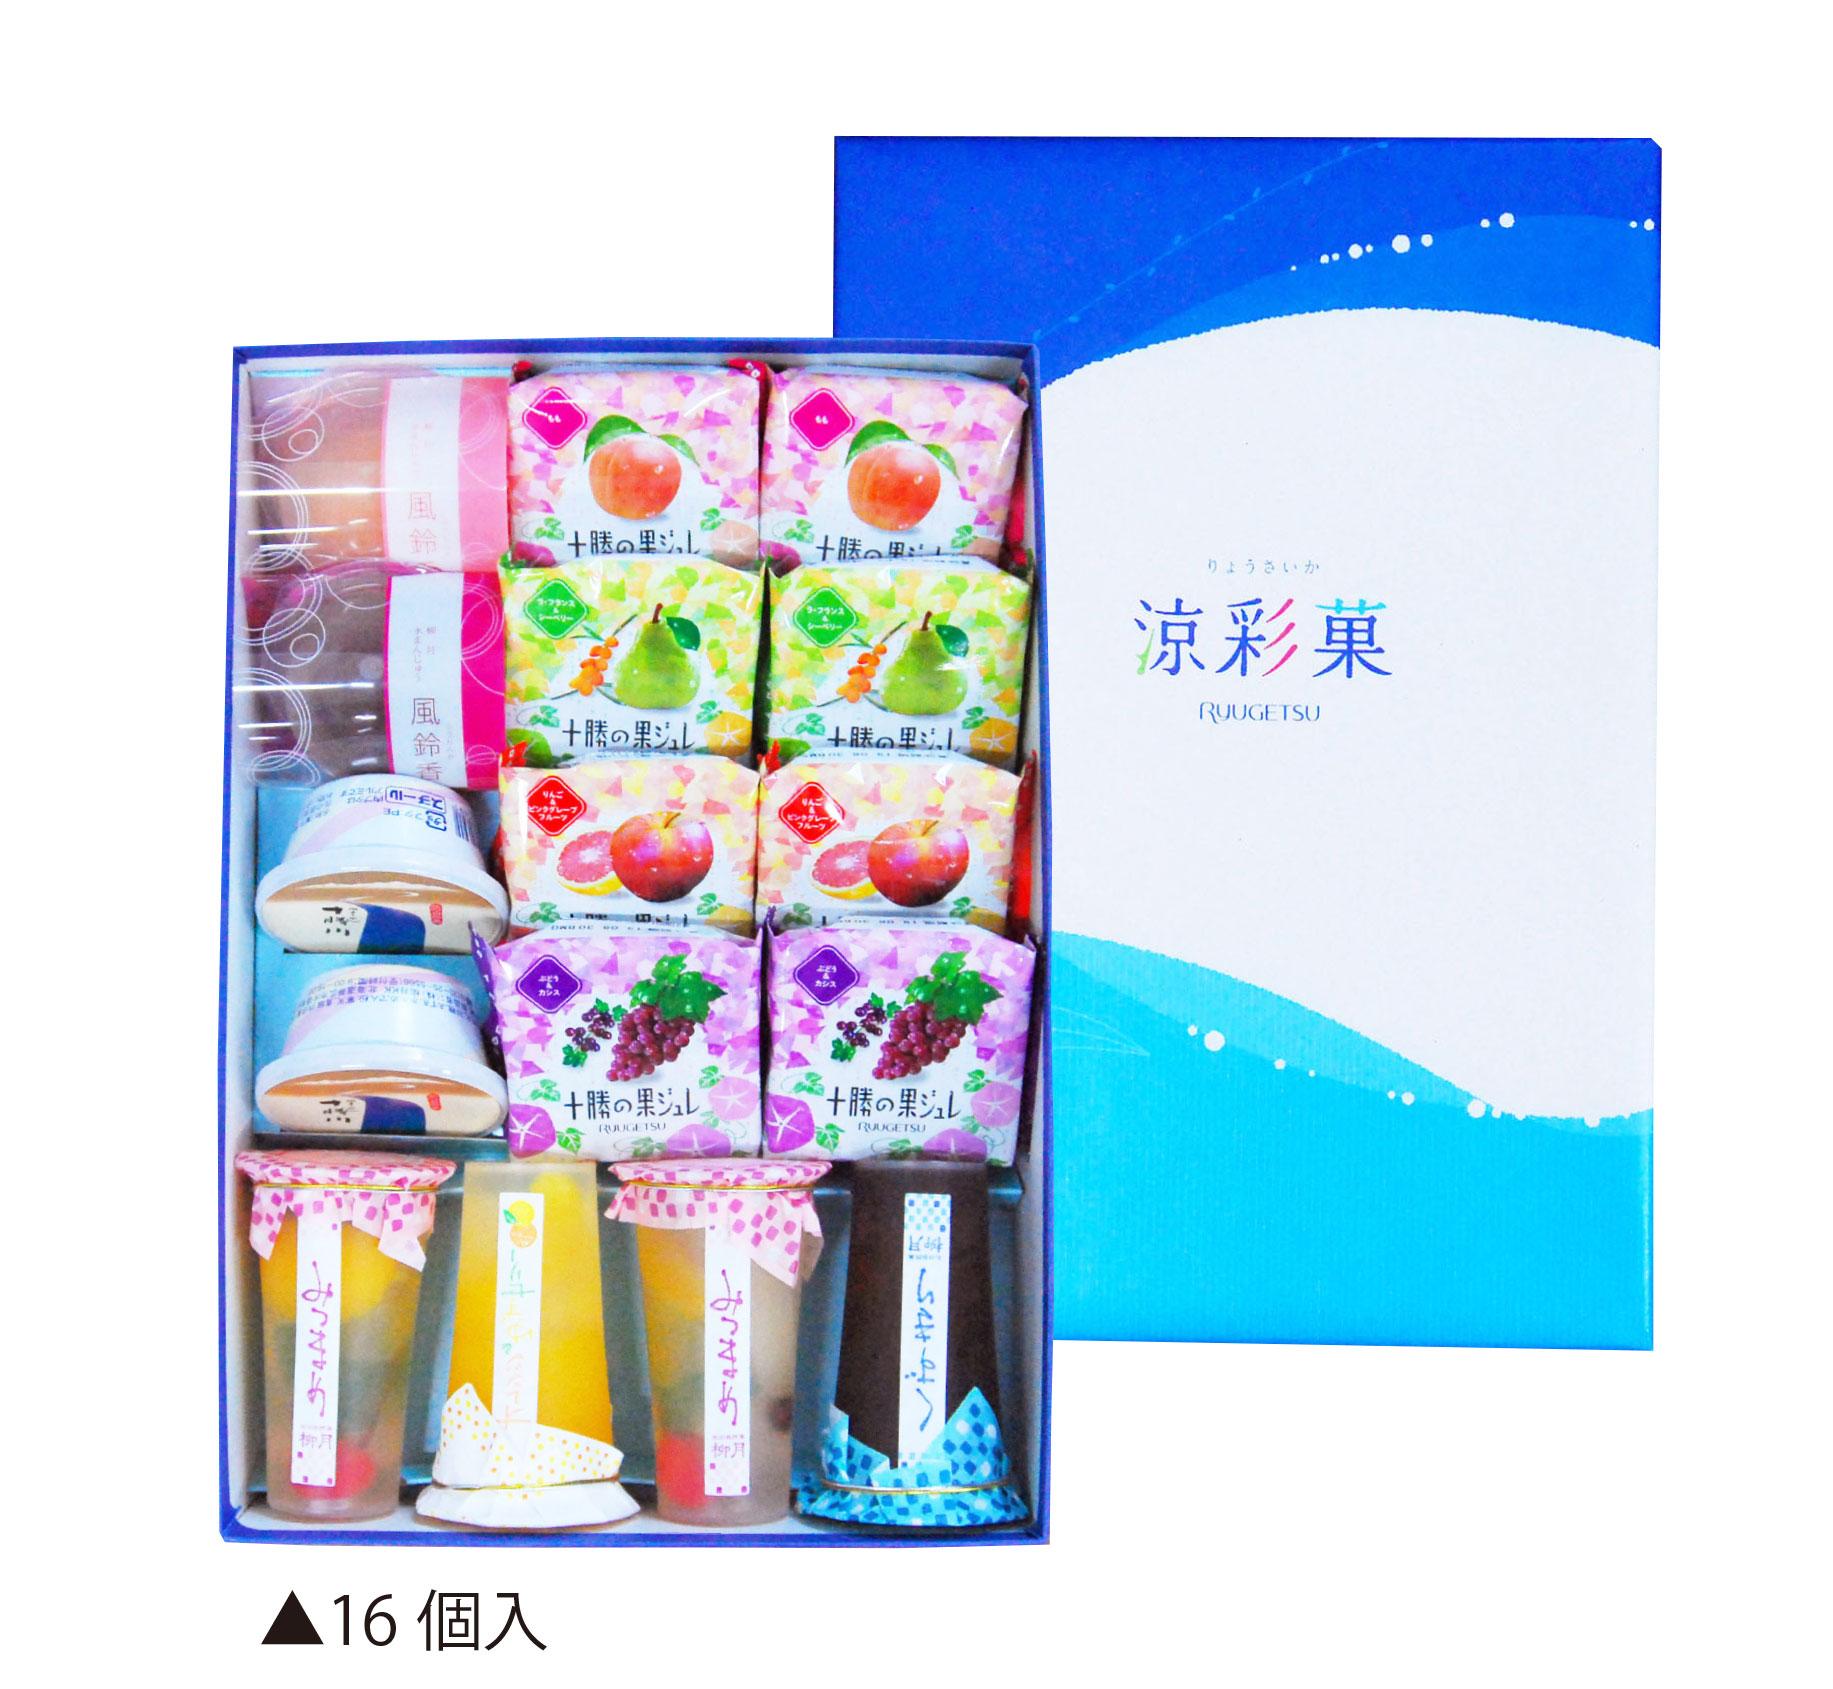 涼彩菓 -彩り- 16個入